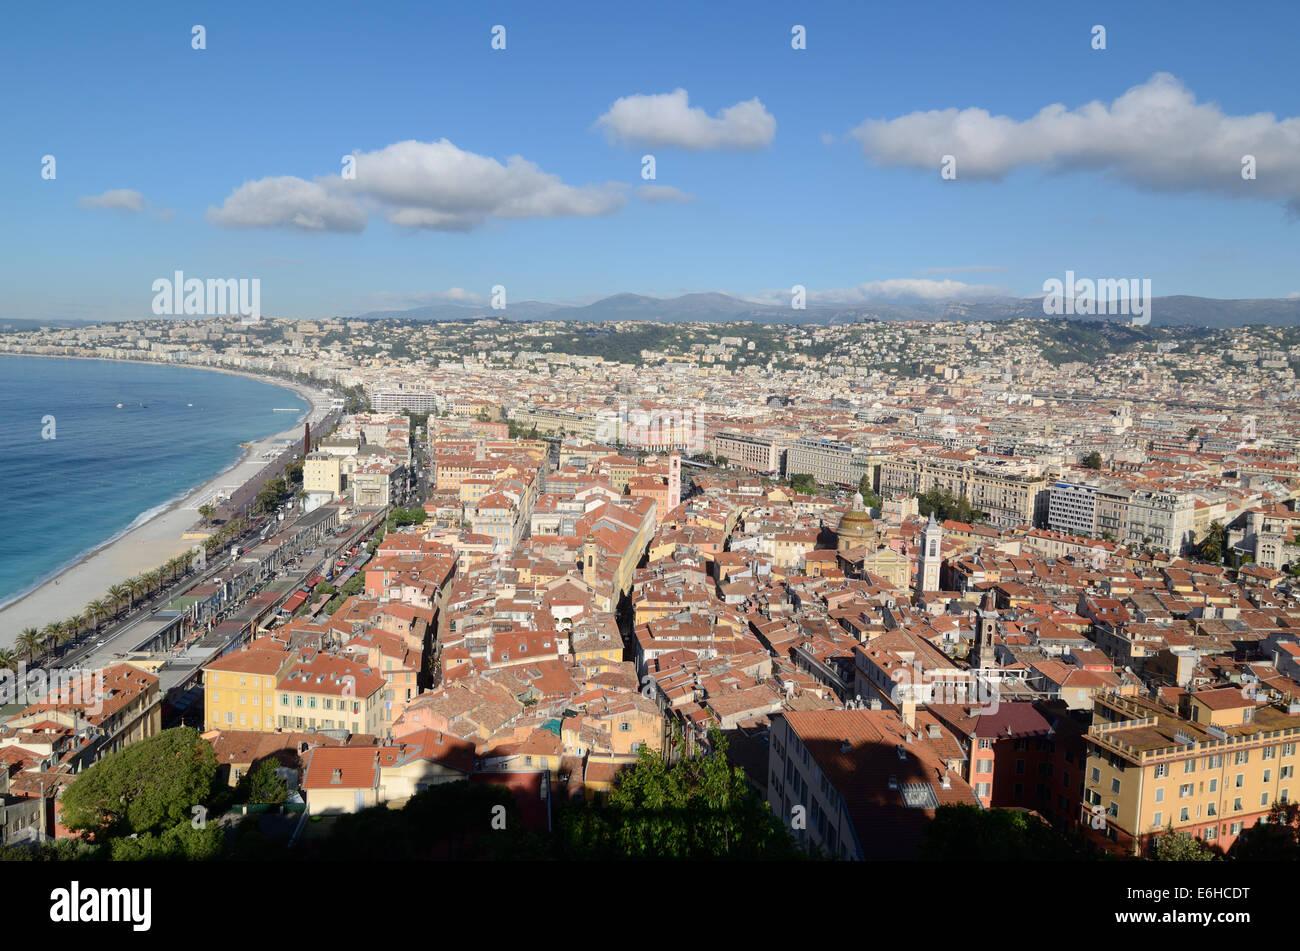 Vista panoramica sulla Promenade des Anglais e al centro storico di Nizza Alpi Marittime Francia Immagini Stock